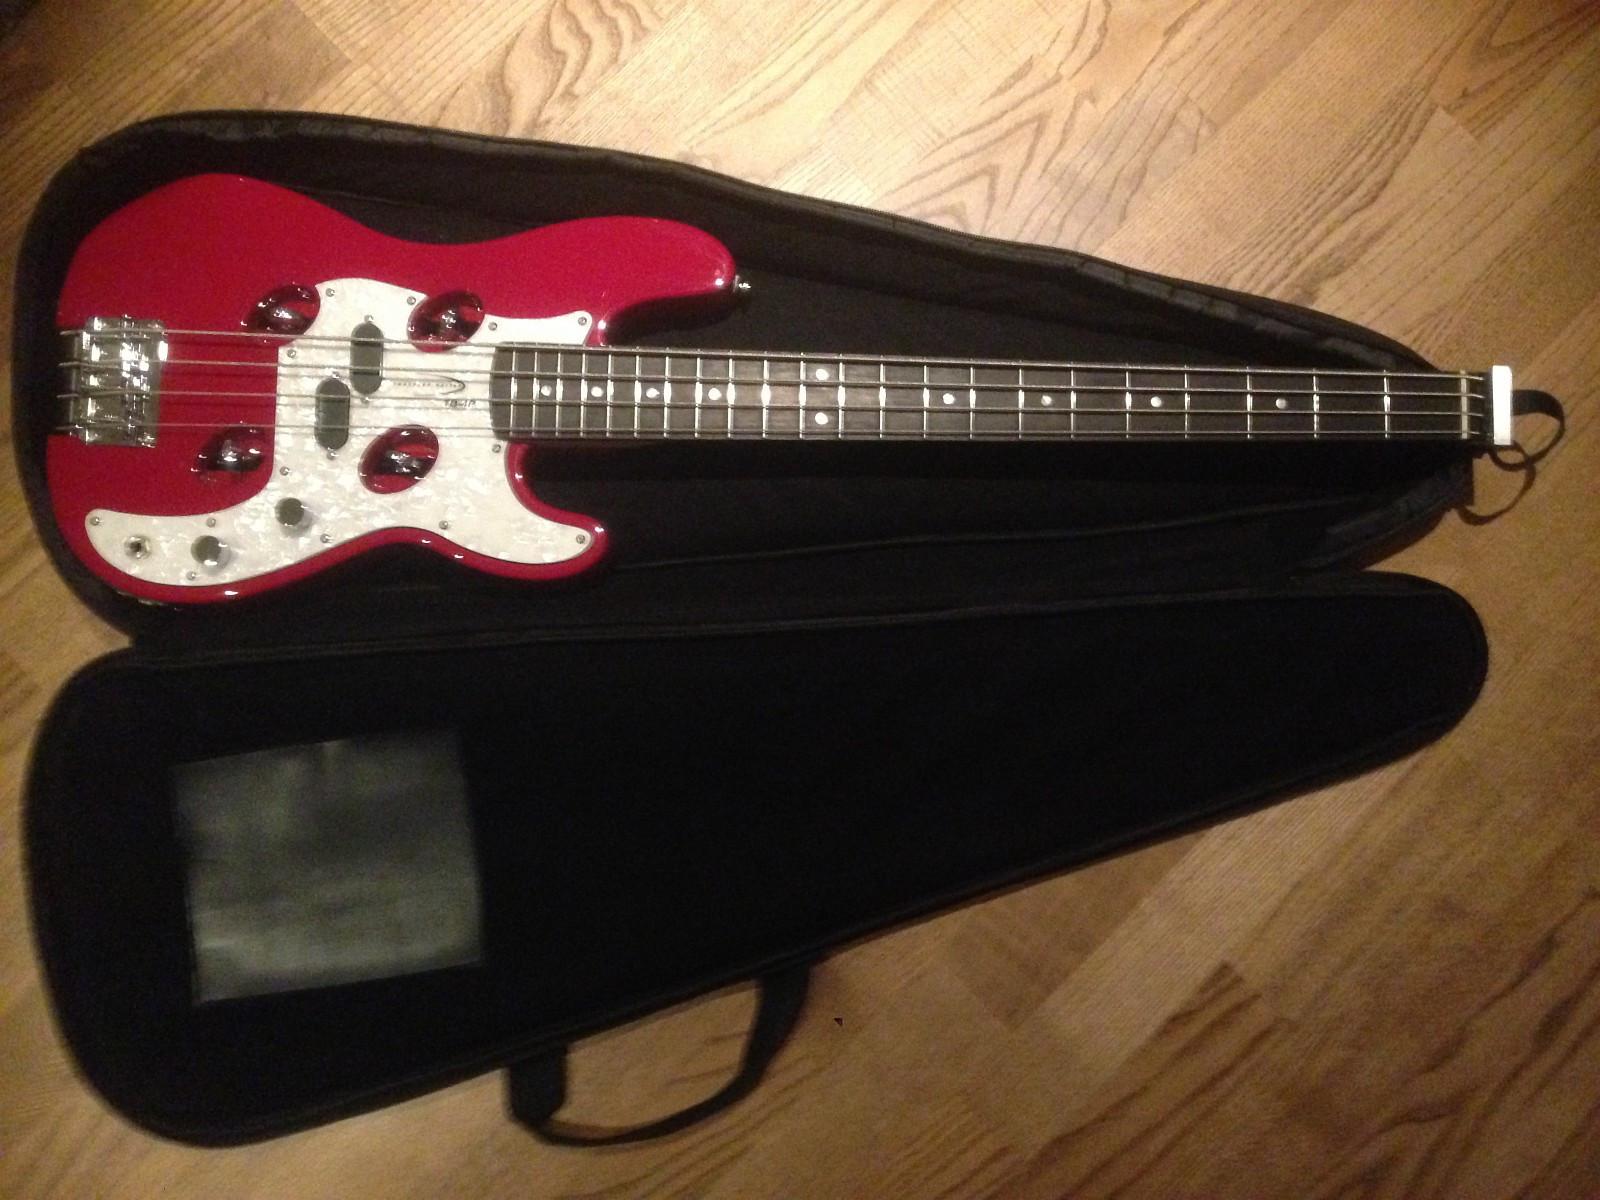 Den perfekte feriebass - Sogndal  - Selger en strøken Travler TR-4P bass Fantastisk bruker anvendelig, koble til spotify og spill til dine favoritter. Ny pris er ca. 4500kr min går for 2500kr  pluss frakt - Sogndal